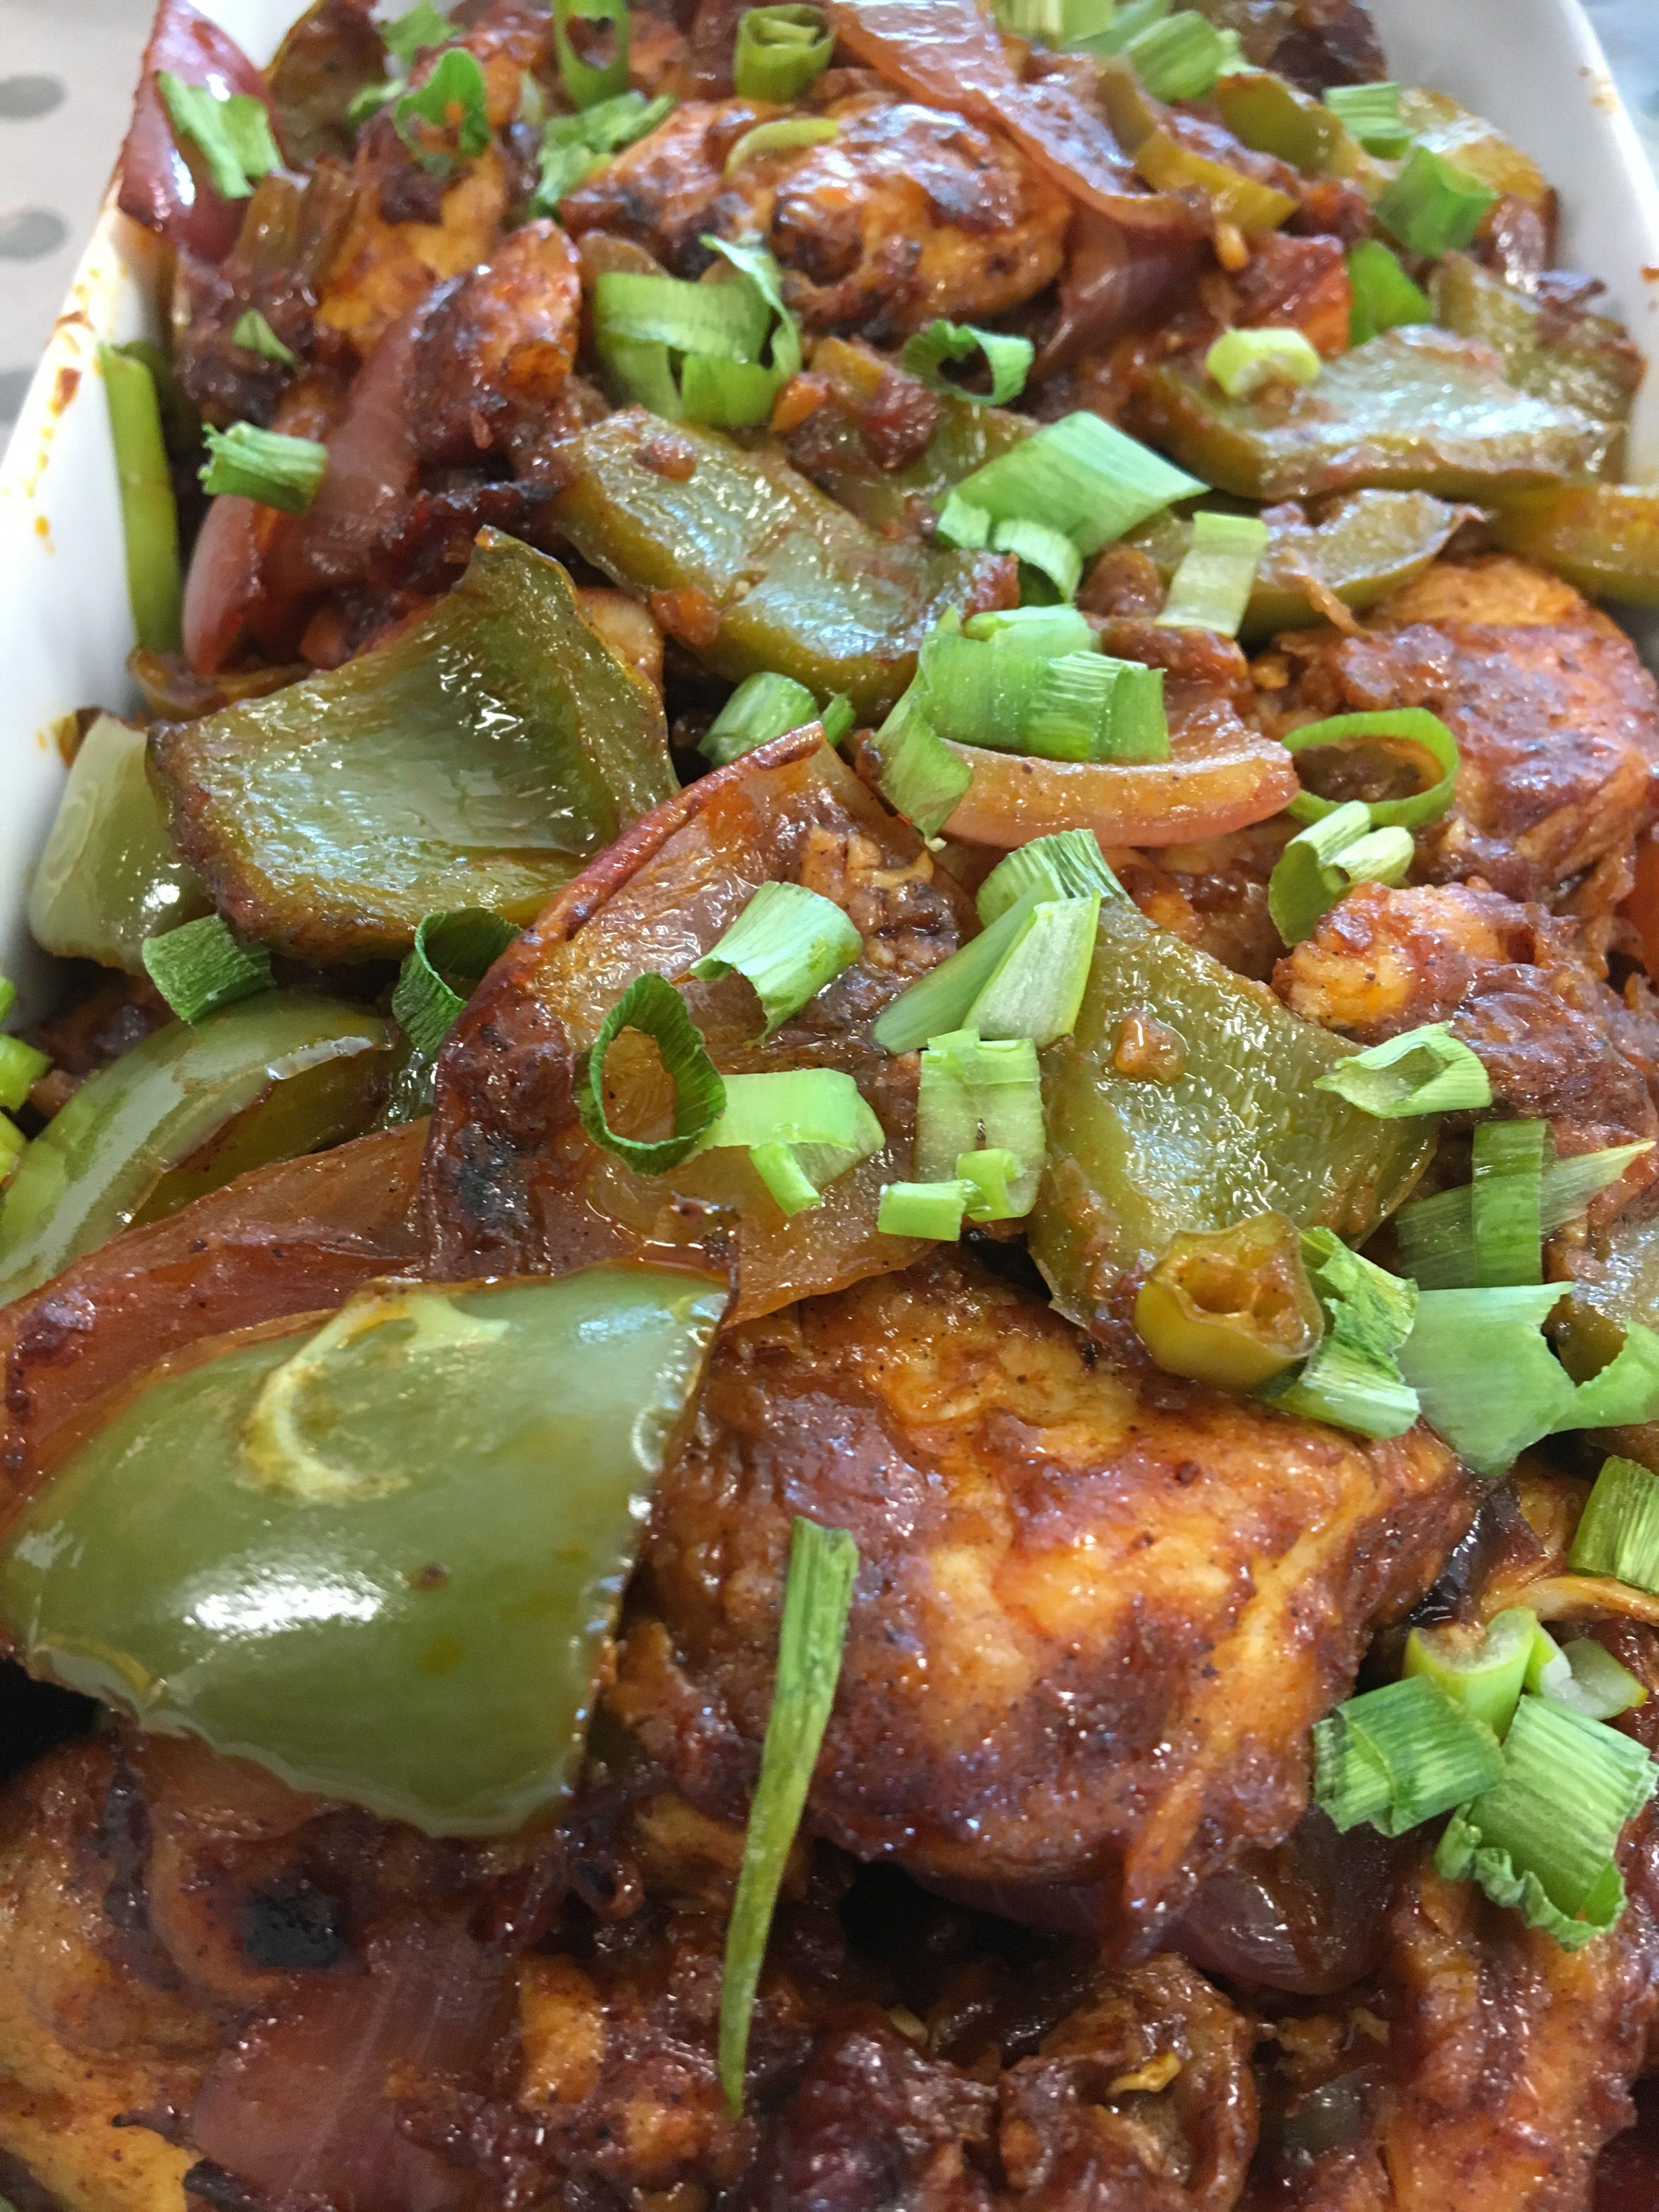 Indian Cuisine With Joyita – Chili Chicken